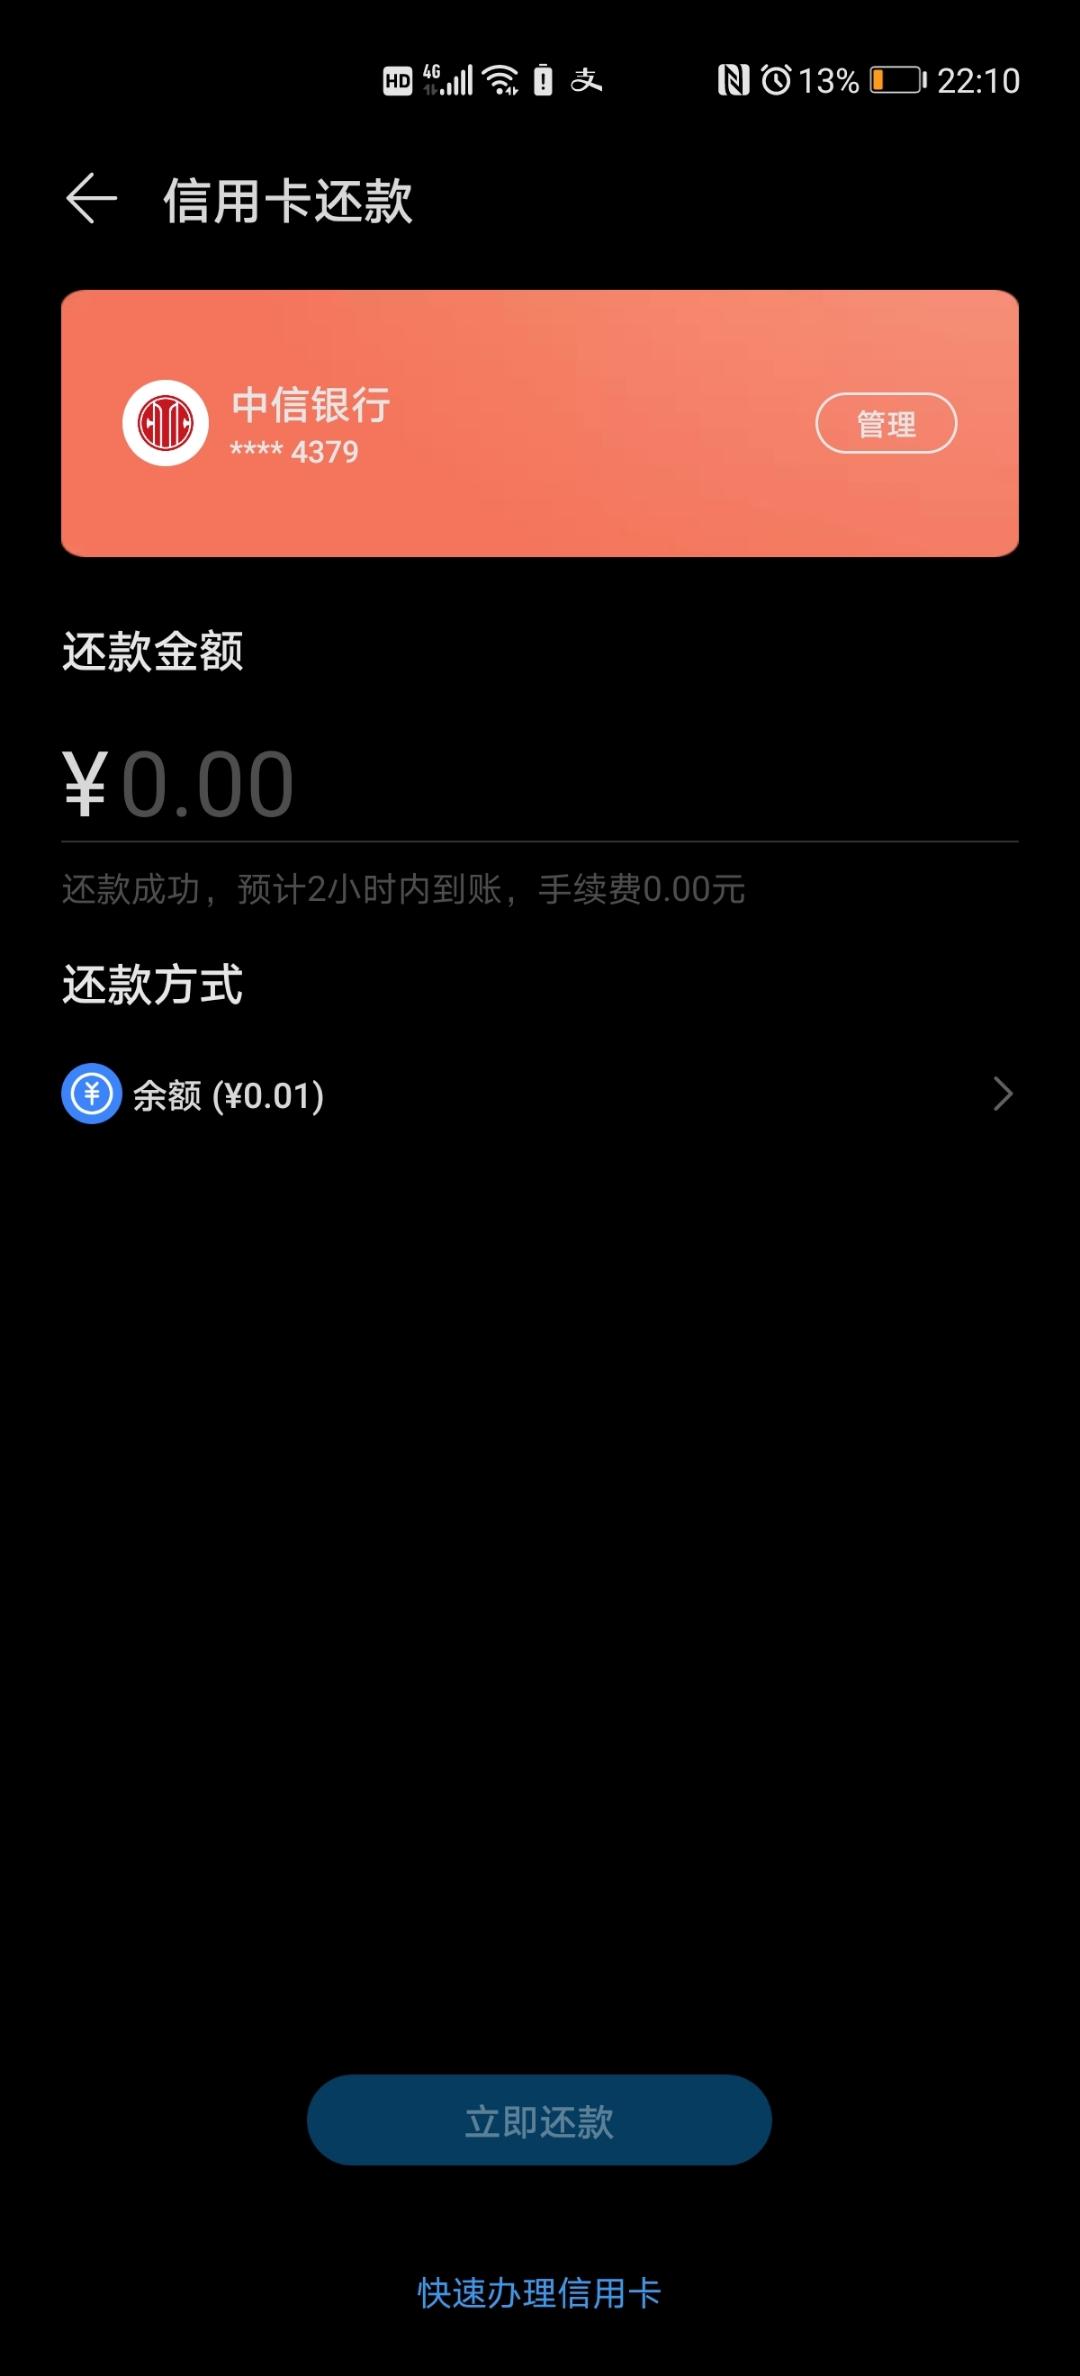 Screenshot_20210128_221014_com.huawei.wallet.jpg